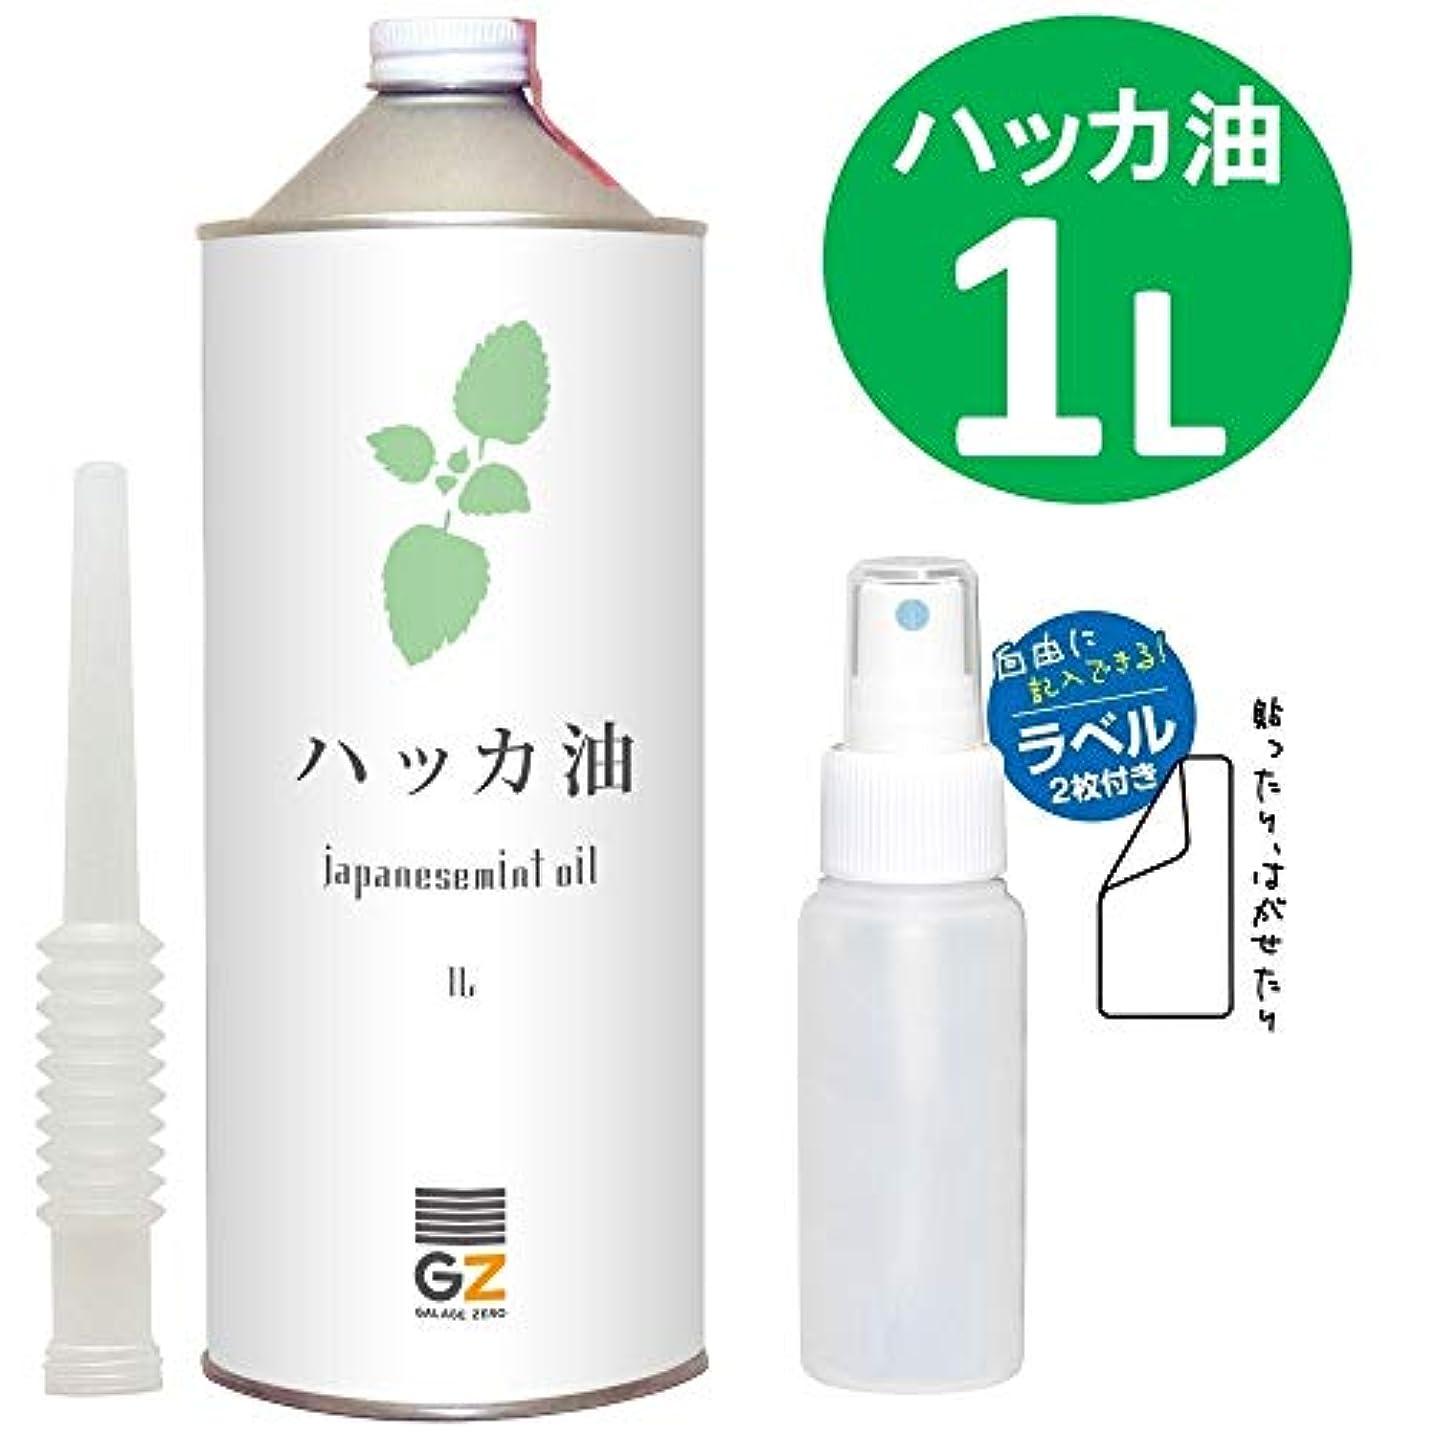 層行為抵当ガレージ?ゼロ ハッカ油 1L(GZAK14)+50mlPEスプレーボトル/和種薄荷/ジャパニーズミント GSE531